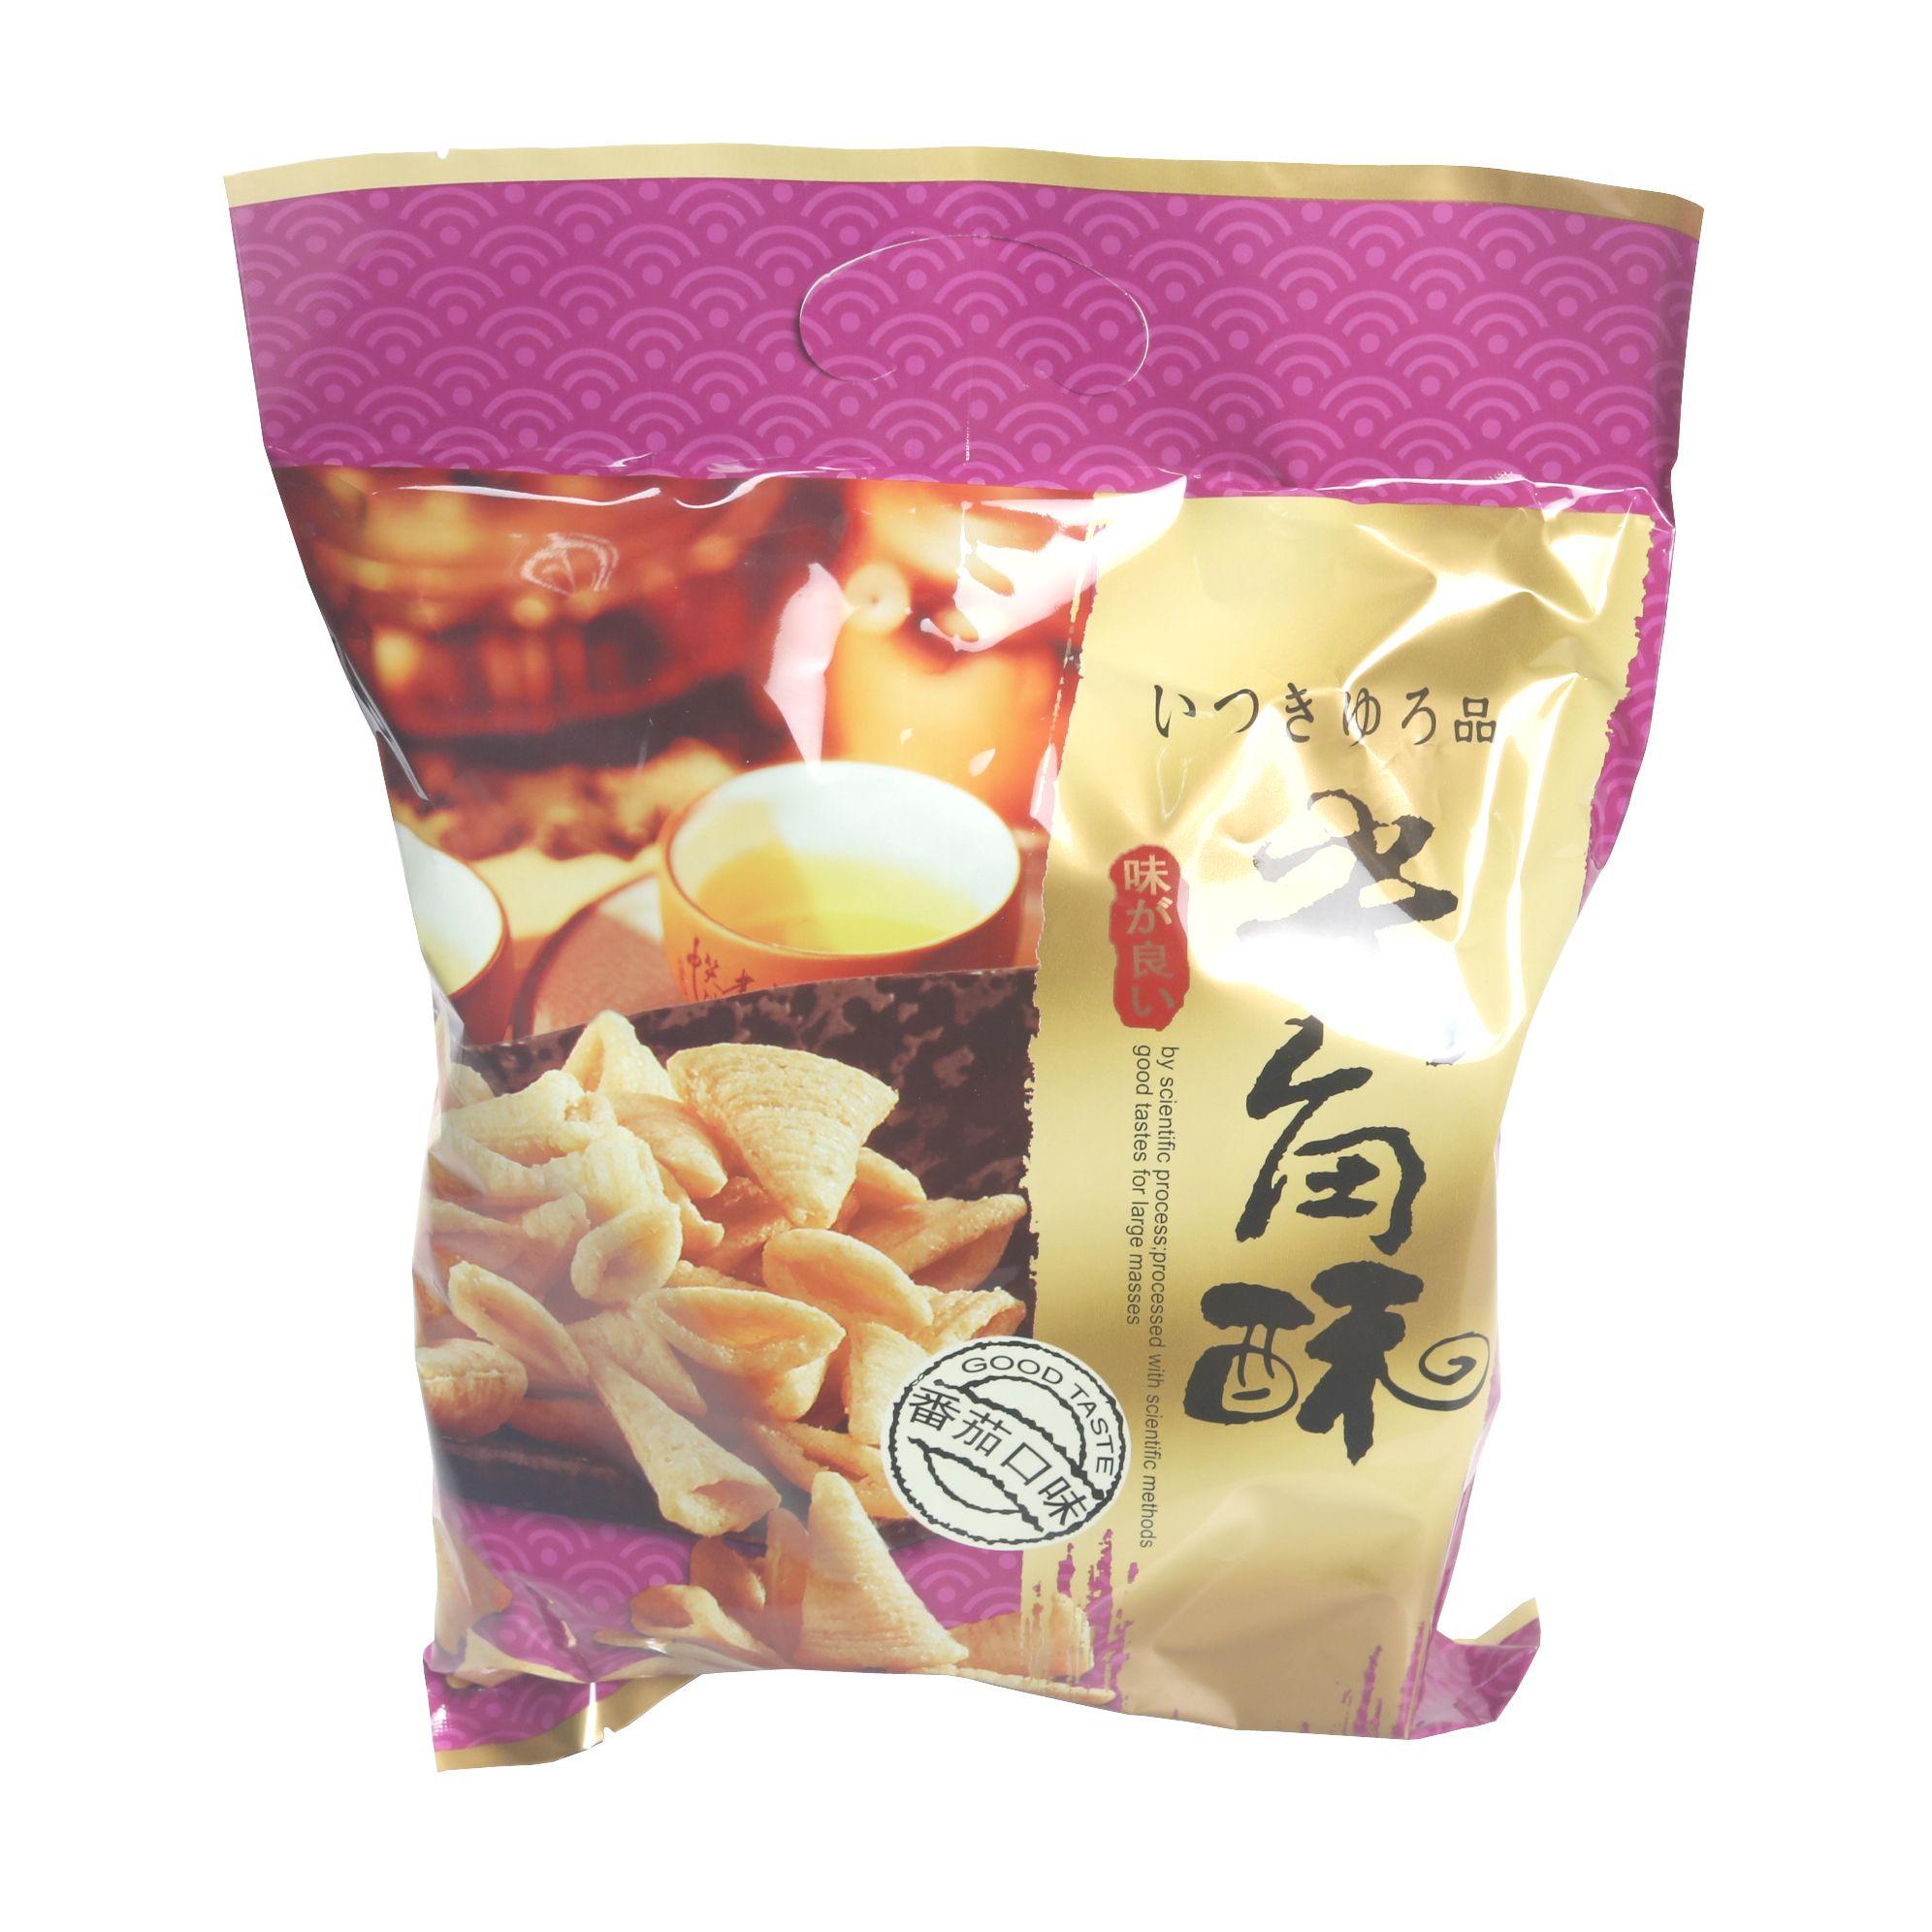 小米美莎尖角酥252g海底捞同款小吃香脆酥薯片(番茄味)